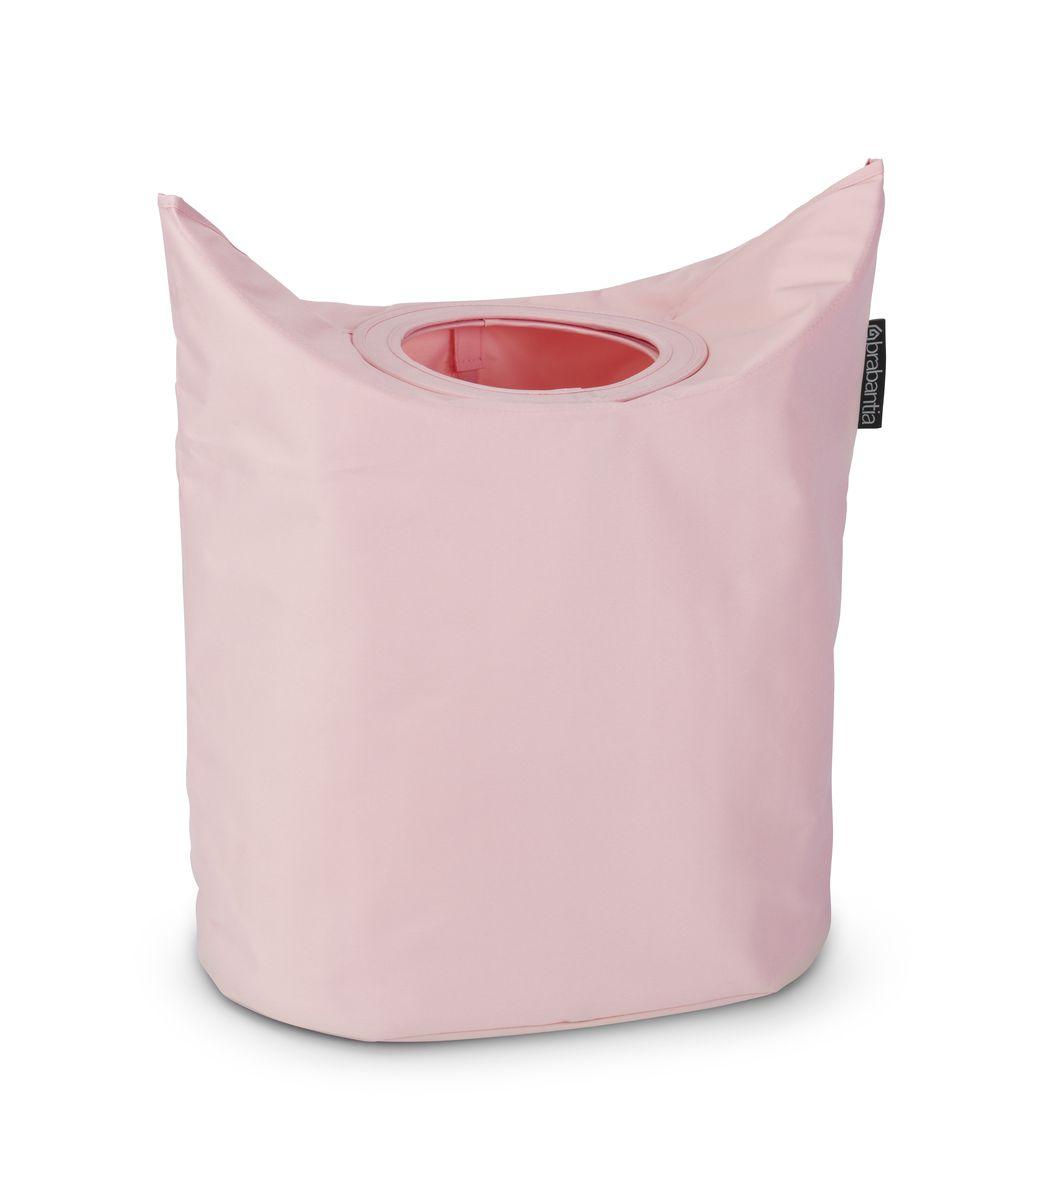 Сумка для белья Brabantia, овальная, цвет: розовый, 50 л. 102547102547Оригинальная сумка для белья экономит место и превращает вашу стирку в увлекательное занятие. С помощью складывающихся магнитных ручек сумка закрывается и превращается в корзину для белья с загрузочным отверстием. Собрались стирать? Поднимите ручки, и ваша сумка готова к использованию. Загрузочное отверстие для быстрой загрузки белья просто сложите магнитные ручки. Большие удобные ручки для переноски. Удобно загружать белье в стиральную машину - большая вместимость и широкое отверстие. 2 года гарантии Brabantia.